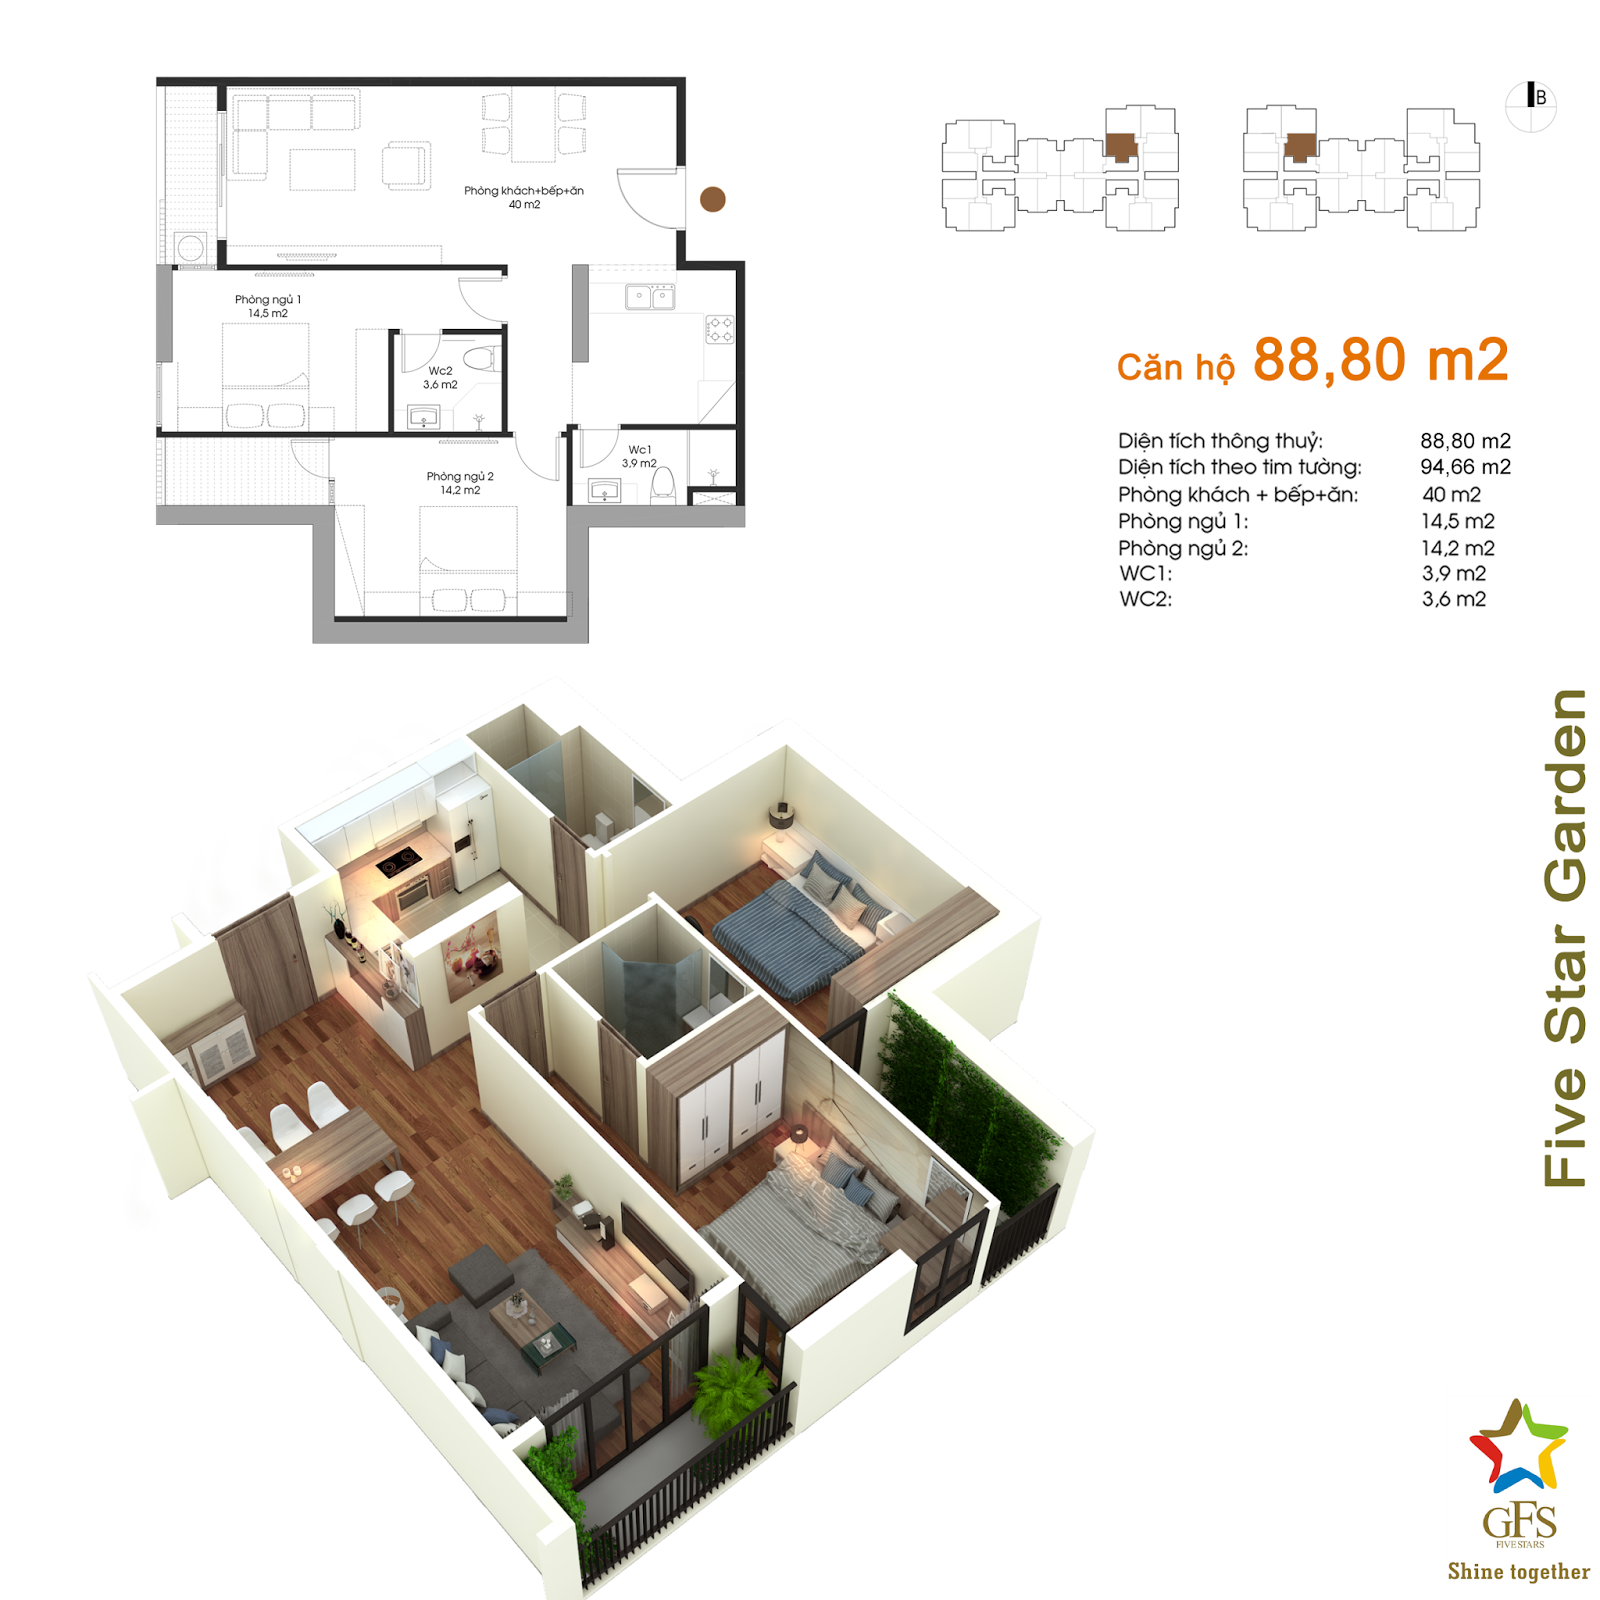 Thiết kế căn hộ 88,80m2 Five Star Kim Giang